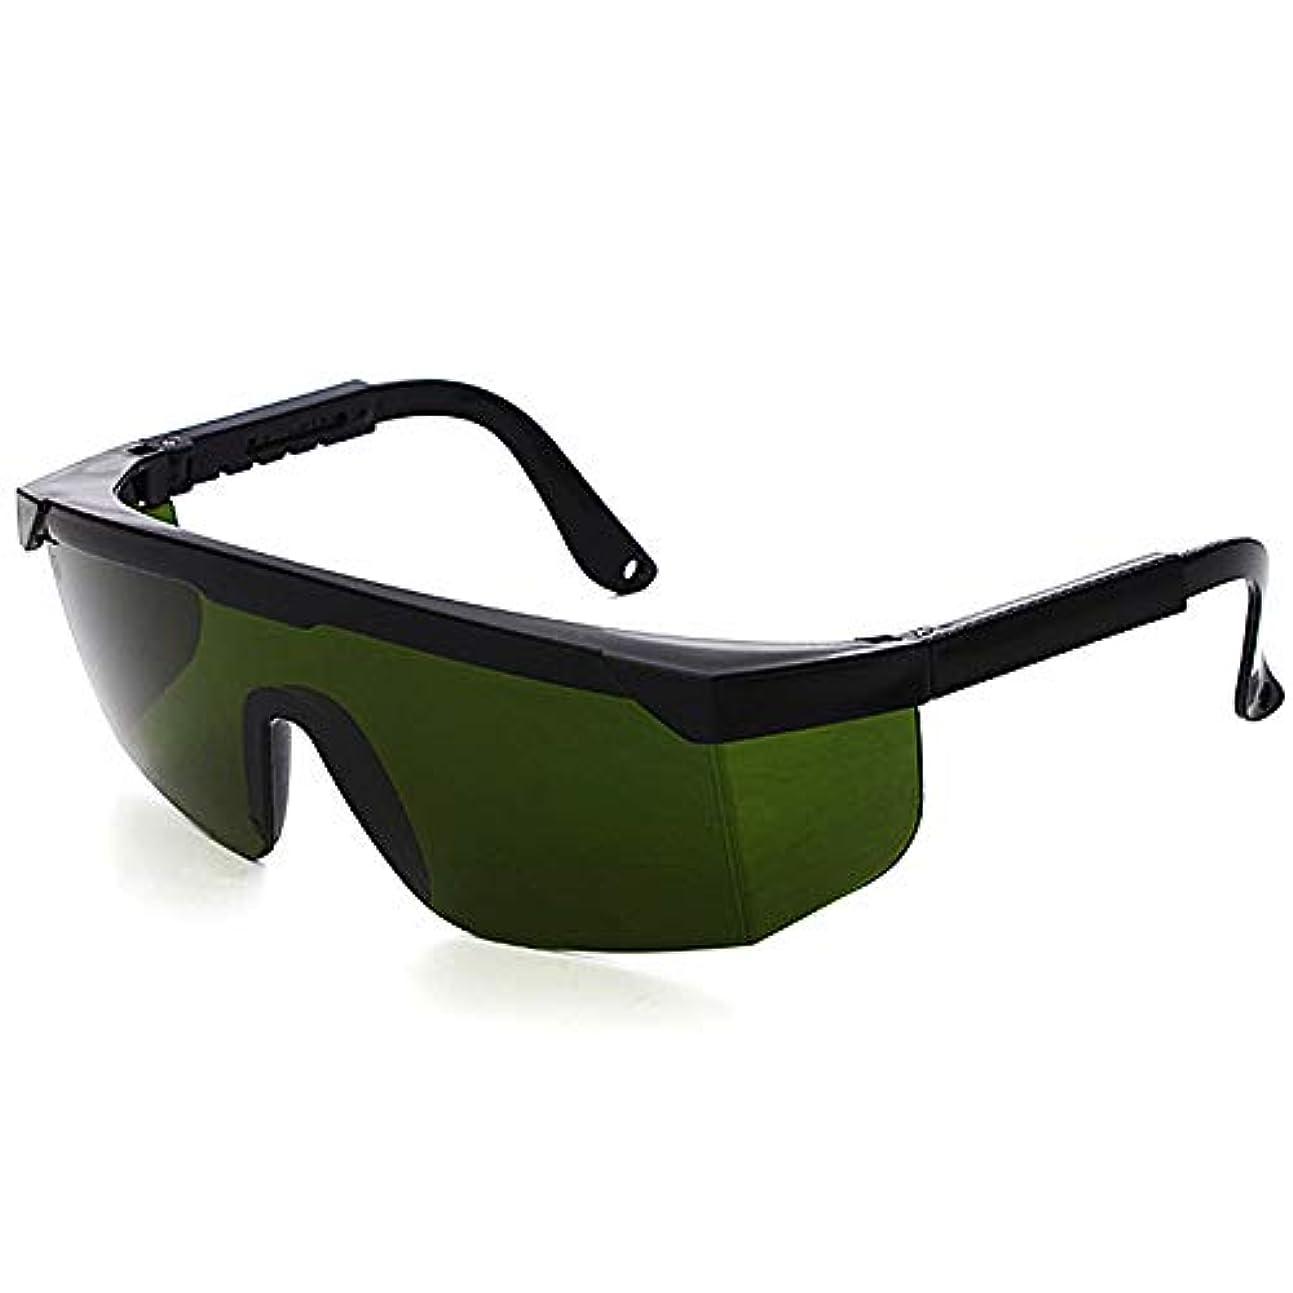 トピック攻撃的マウンドJiayaofu レーザー保護メガネIPL美容機器メガネレーザーペアIPLメガネ、安全メガネ